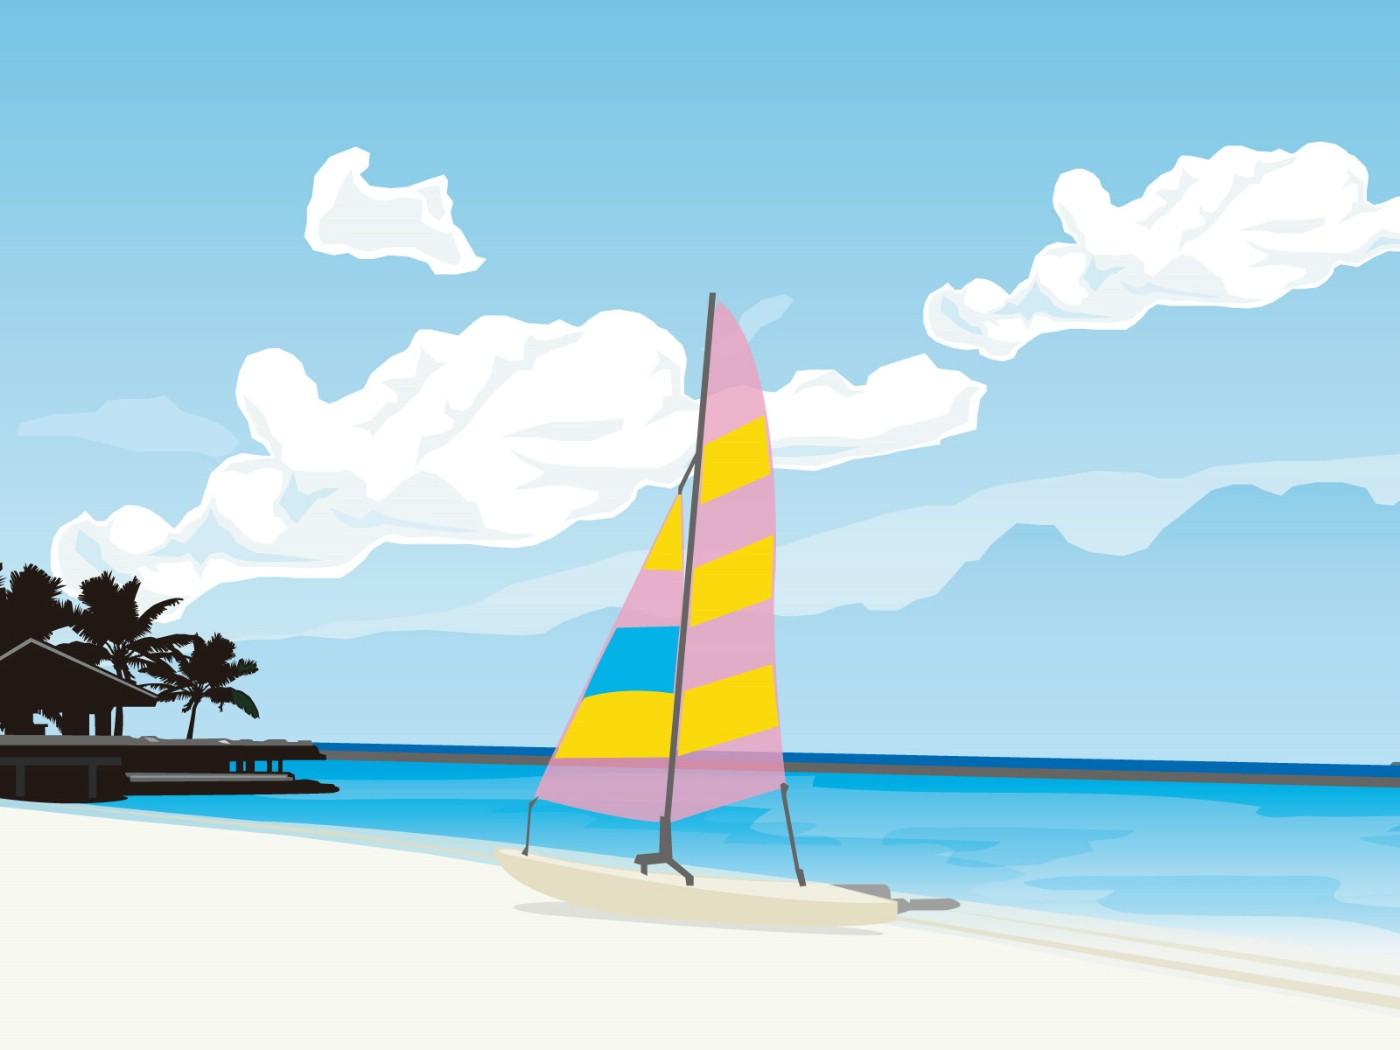 壁纸1400×1050矢量夏日海滩 1 10壁纸 矢量风光 矢量夏日海滩 第一辑壁纸图片矢量壁纸矢量图片素材桌面壁纸